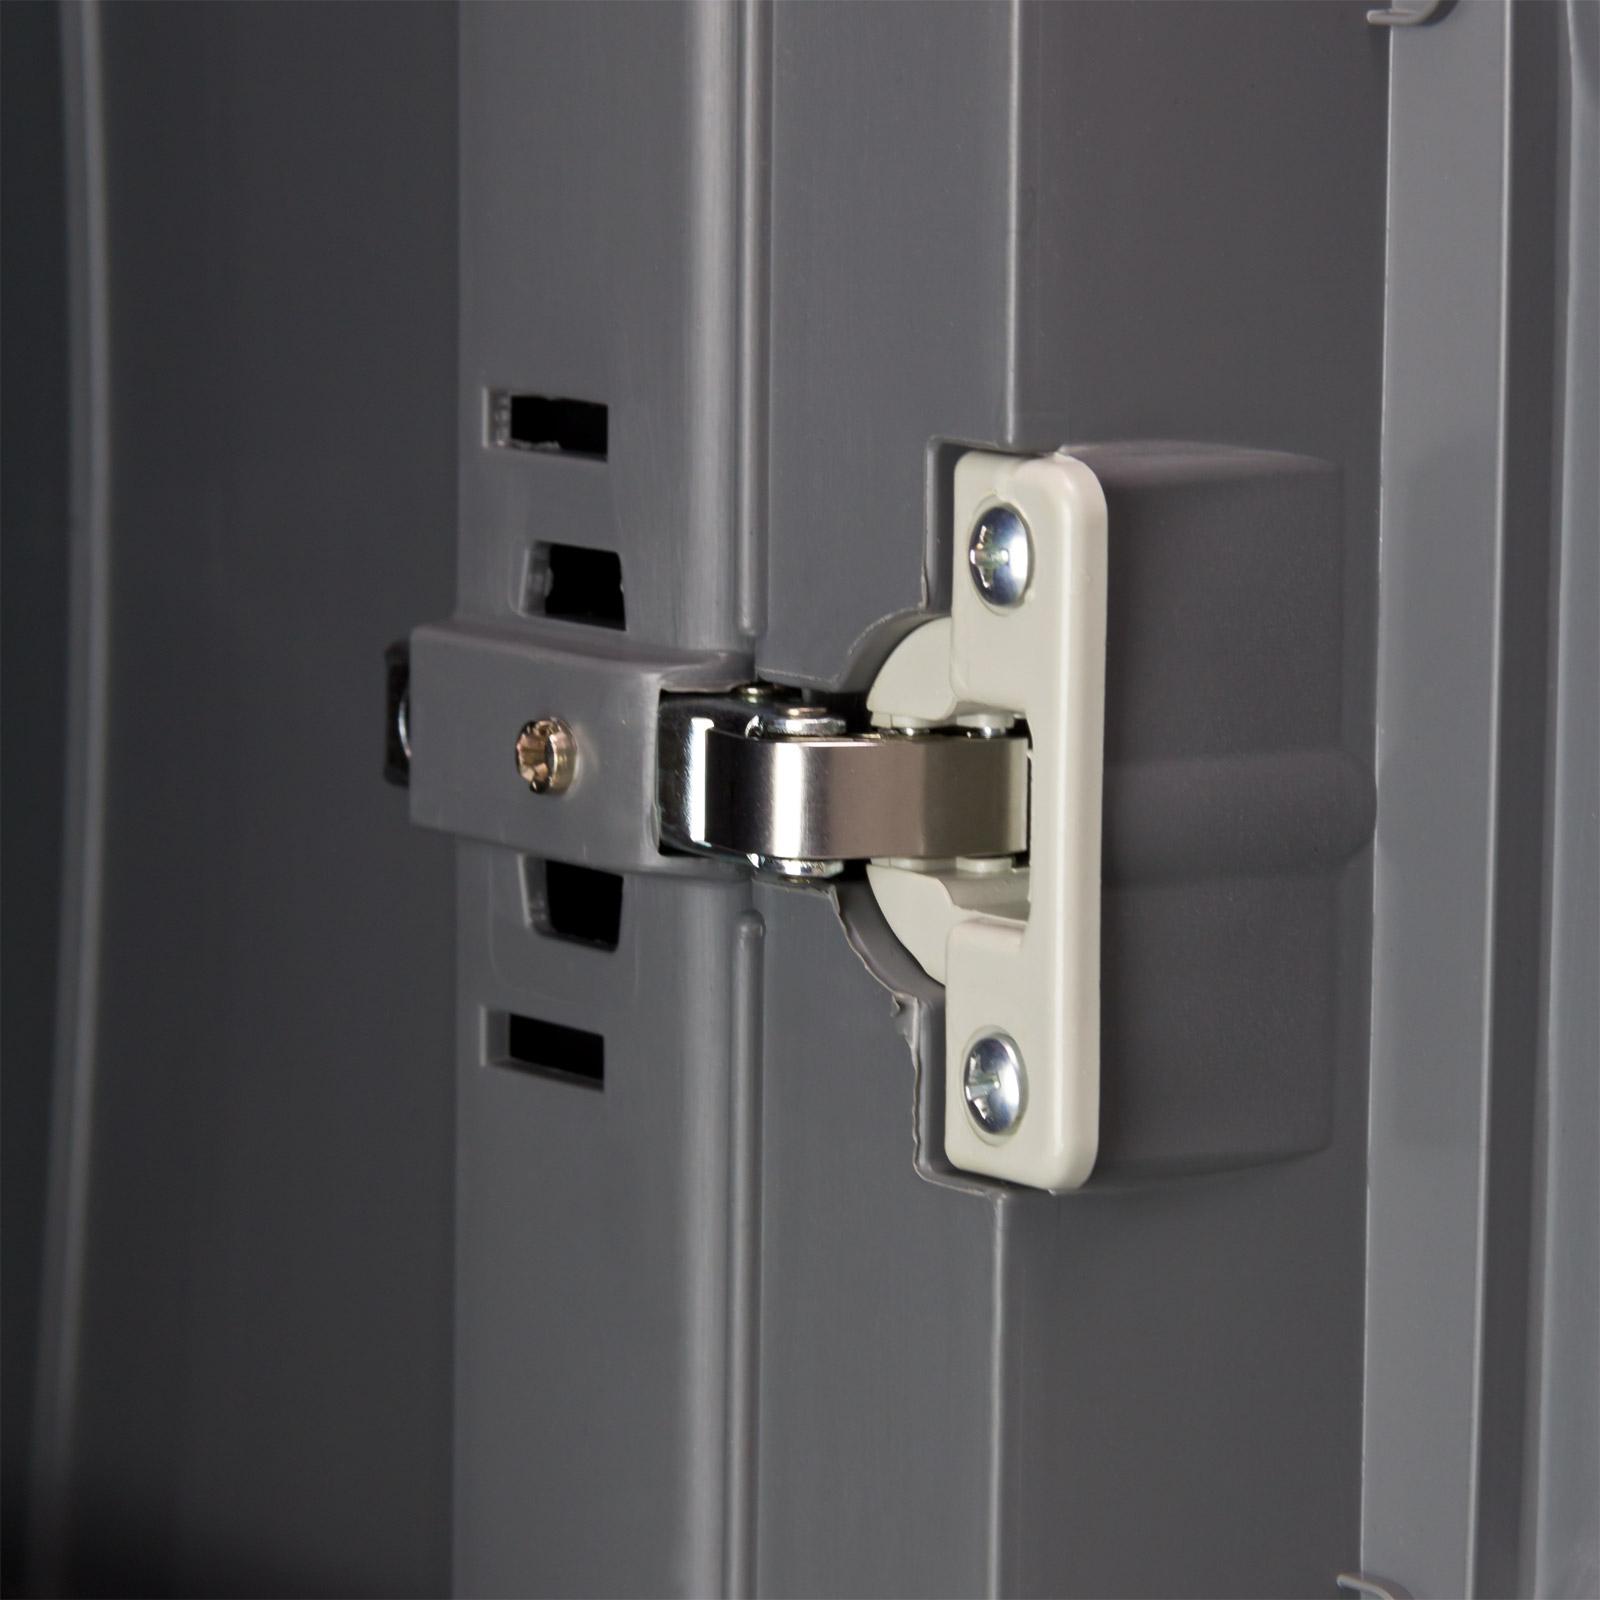 kunststoff schrank kellerschrank spind kunststoffschrank ger teschrank 10066 ebay. Black Bedroom Furniture Sets. Home Design Ideas